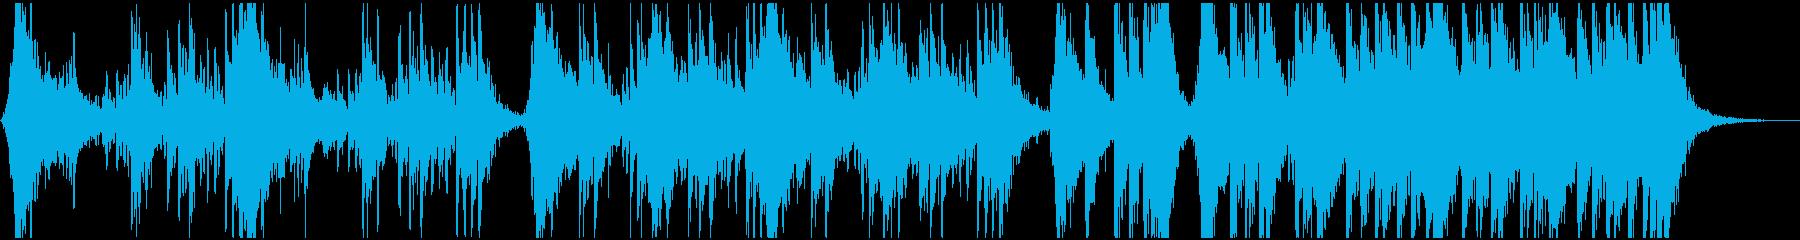 迫力あるシネマチックパーカッション04の再生済みの波形